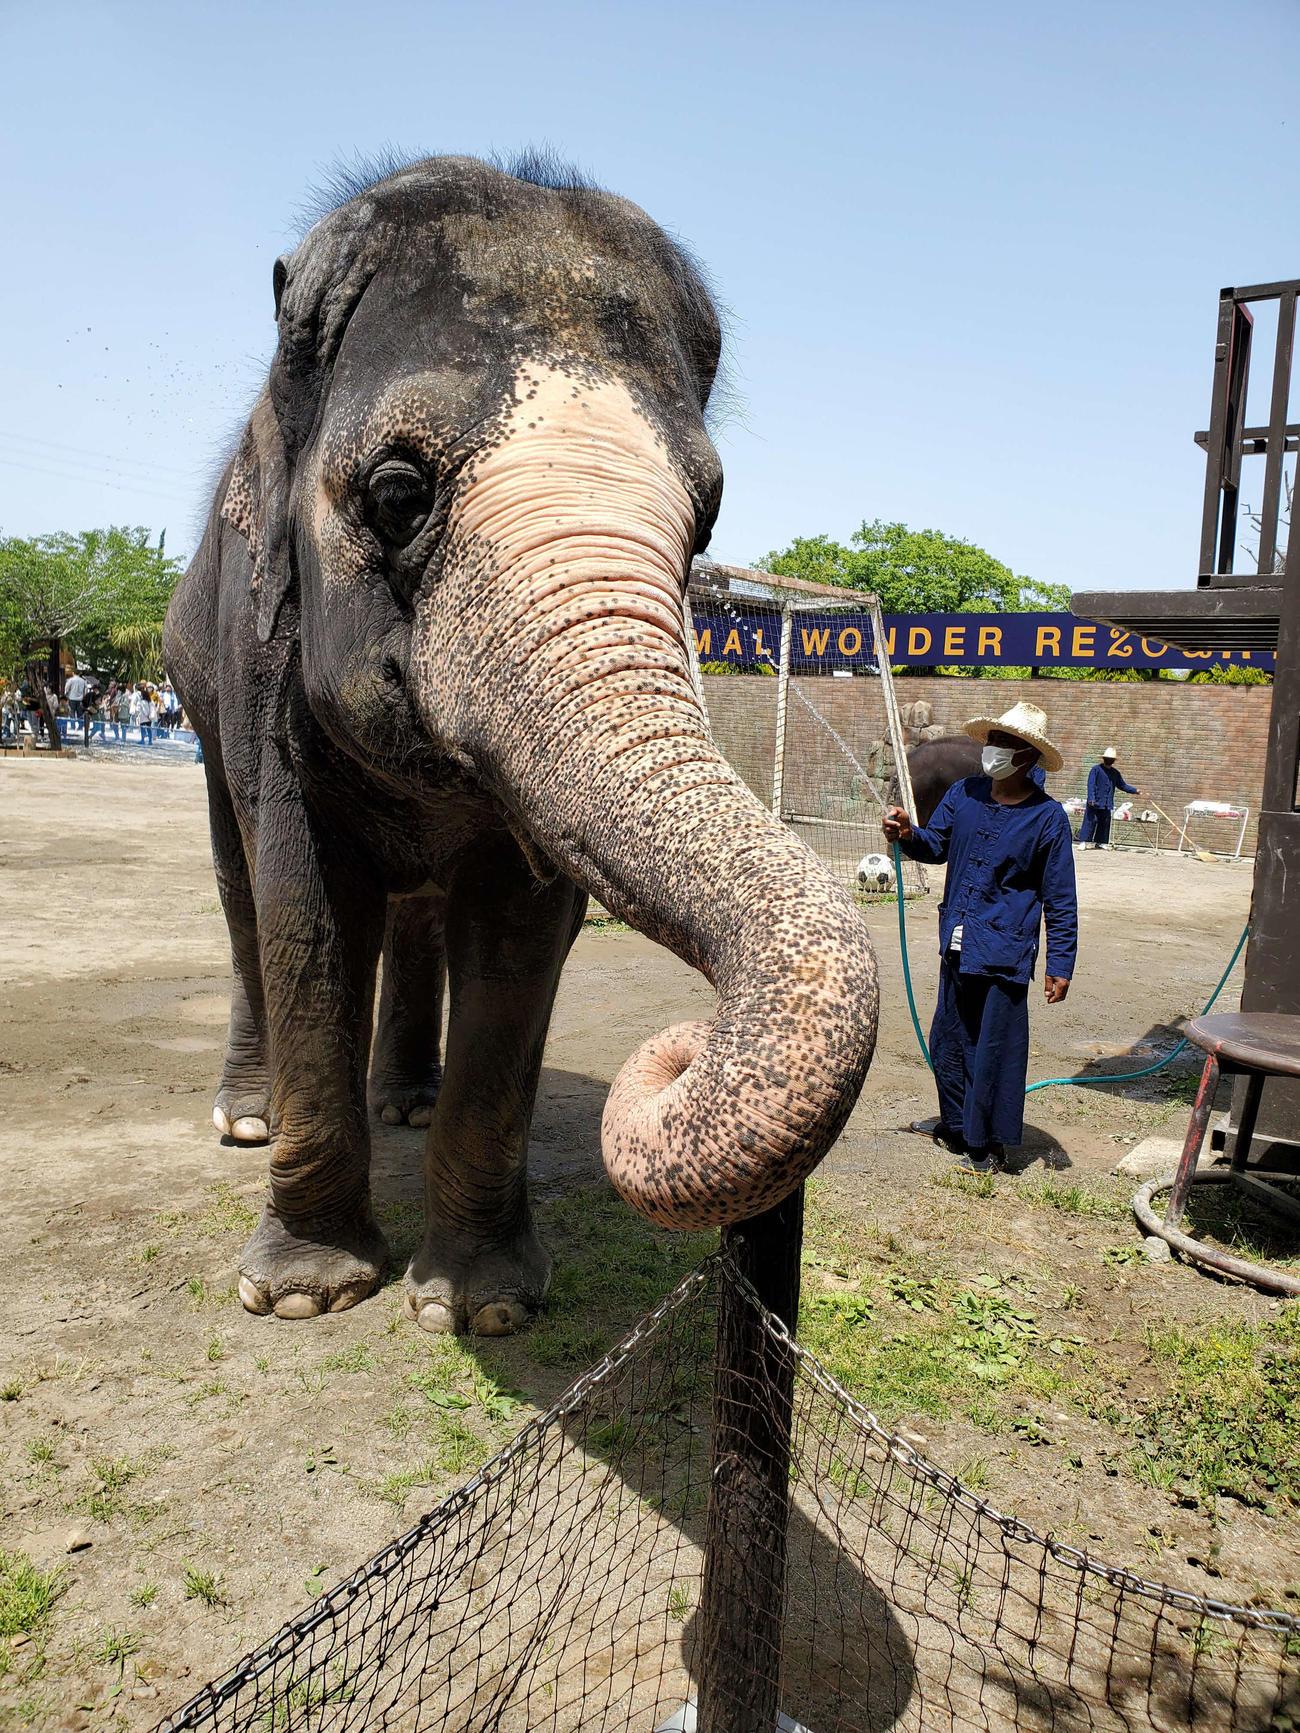 千葉県市原市の動物園「市原ぞうの国」で16日に死んだ、アジアゾウの35歳の雌「ミニスター」